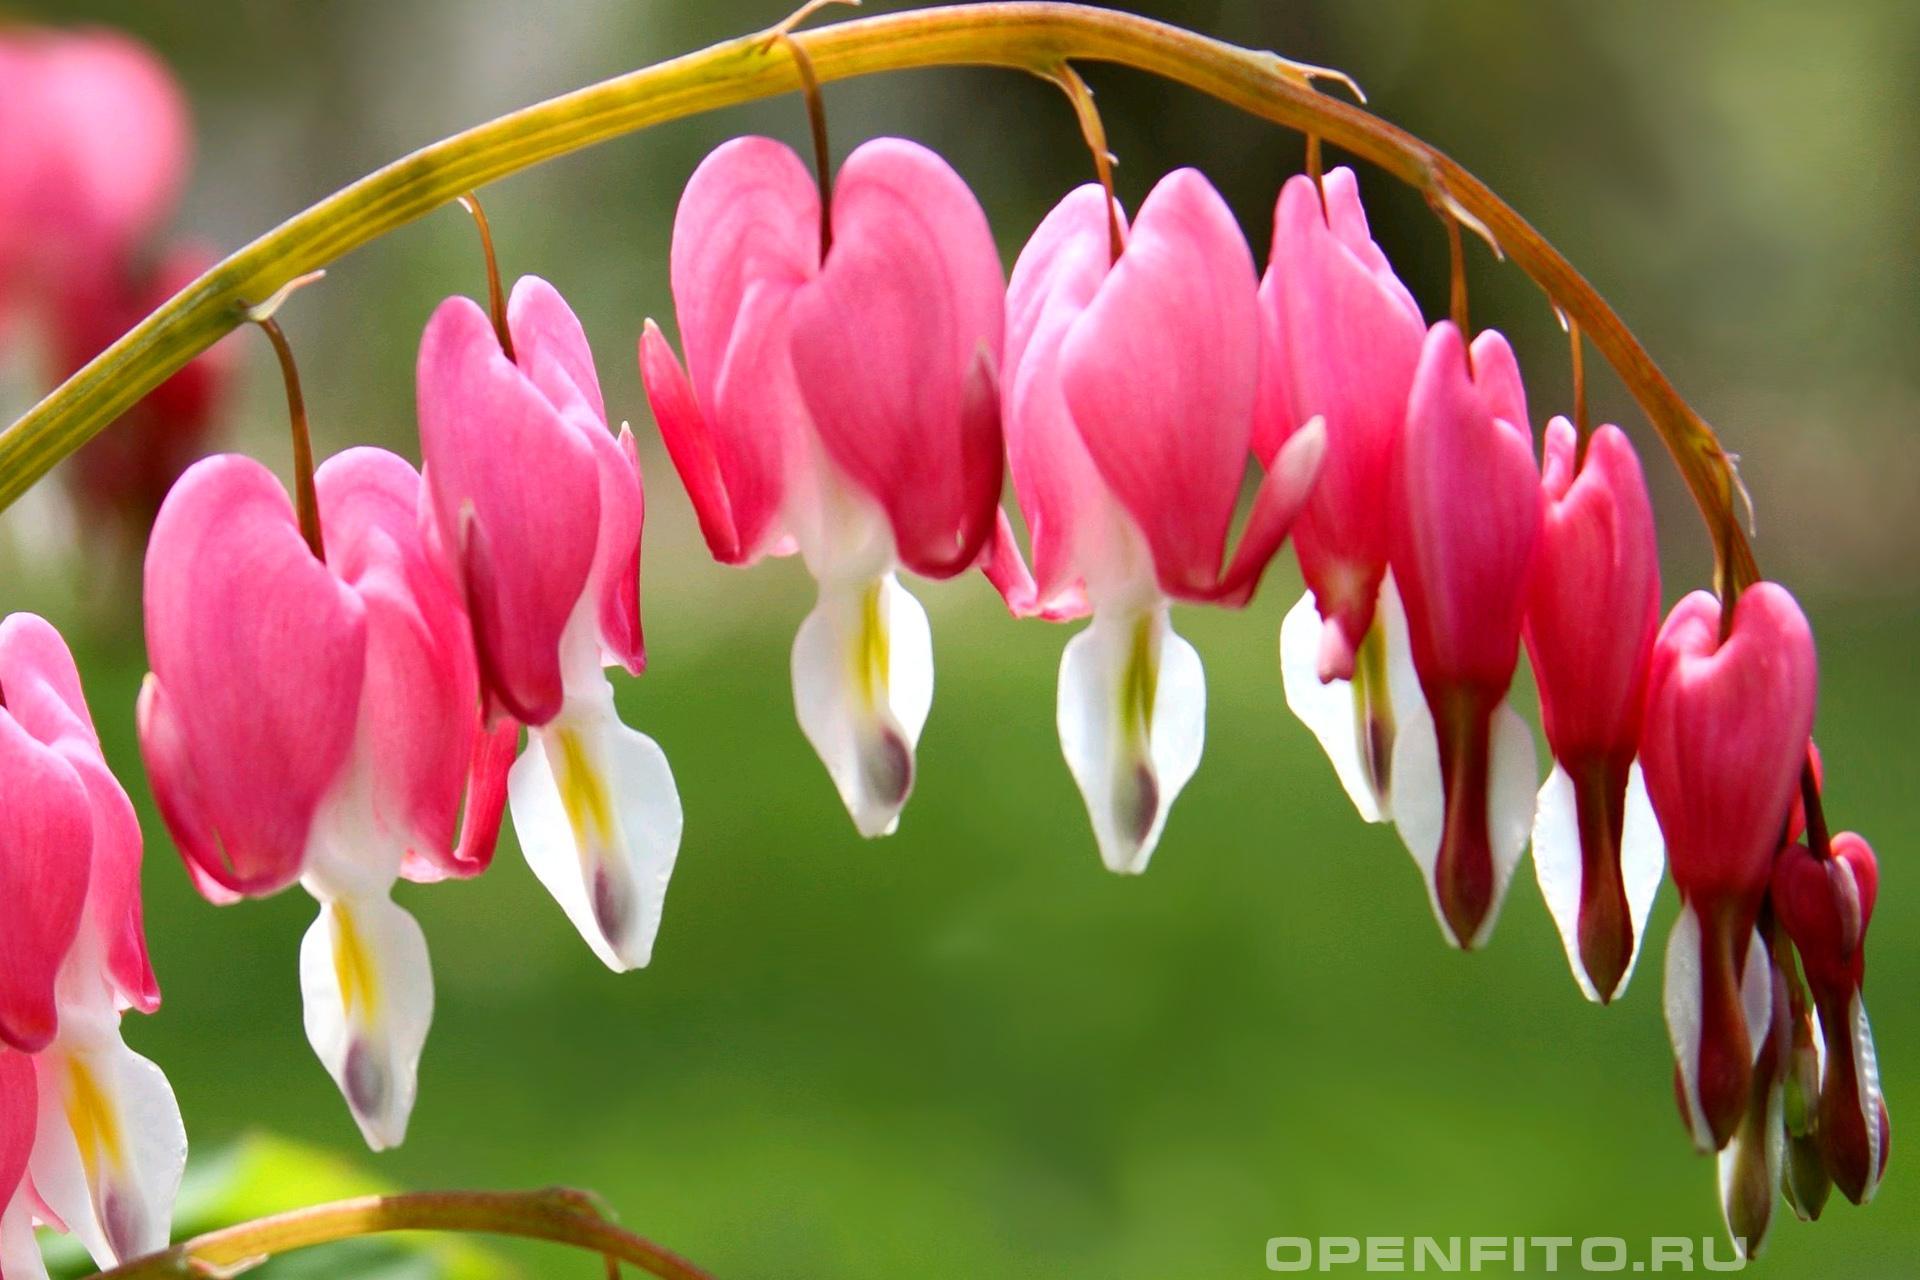 Дицентра великолепная в народе это растение называют разбитое сердце или сердцецвет